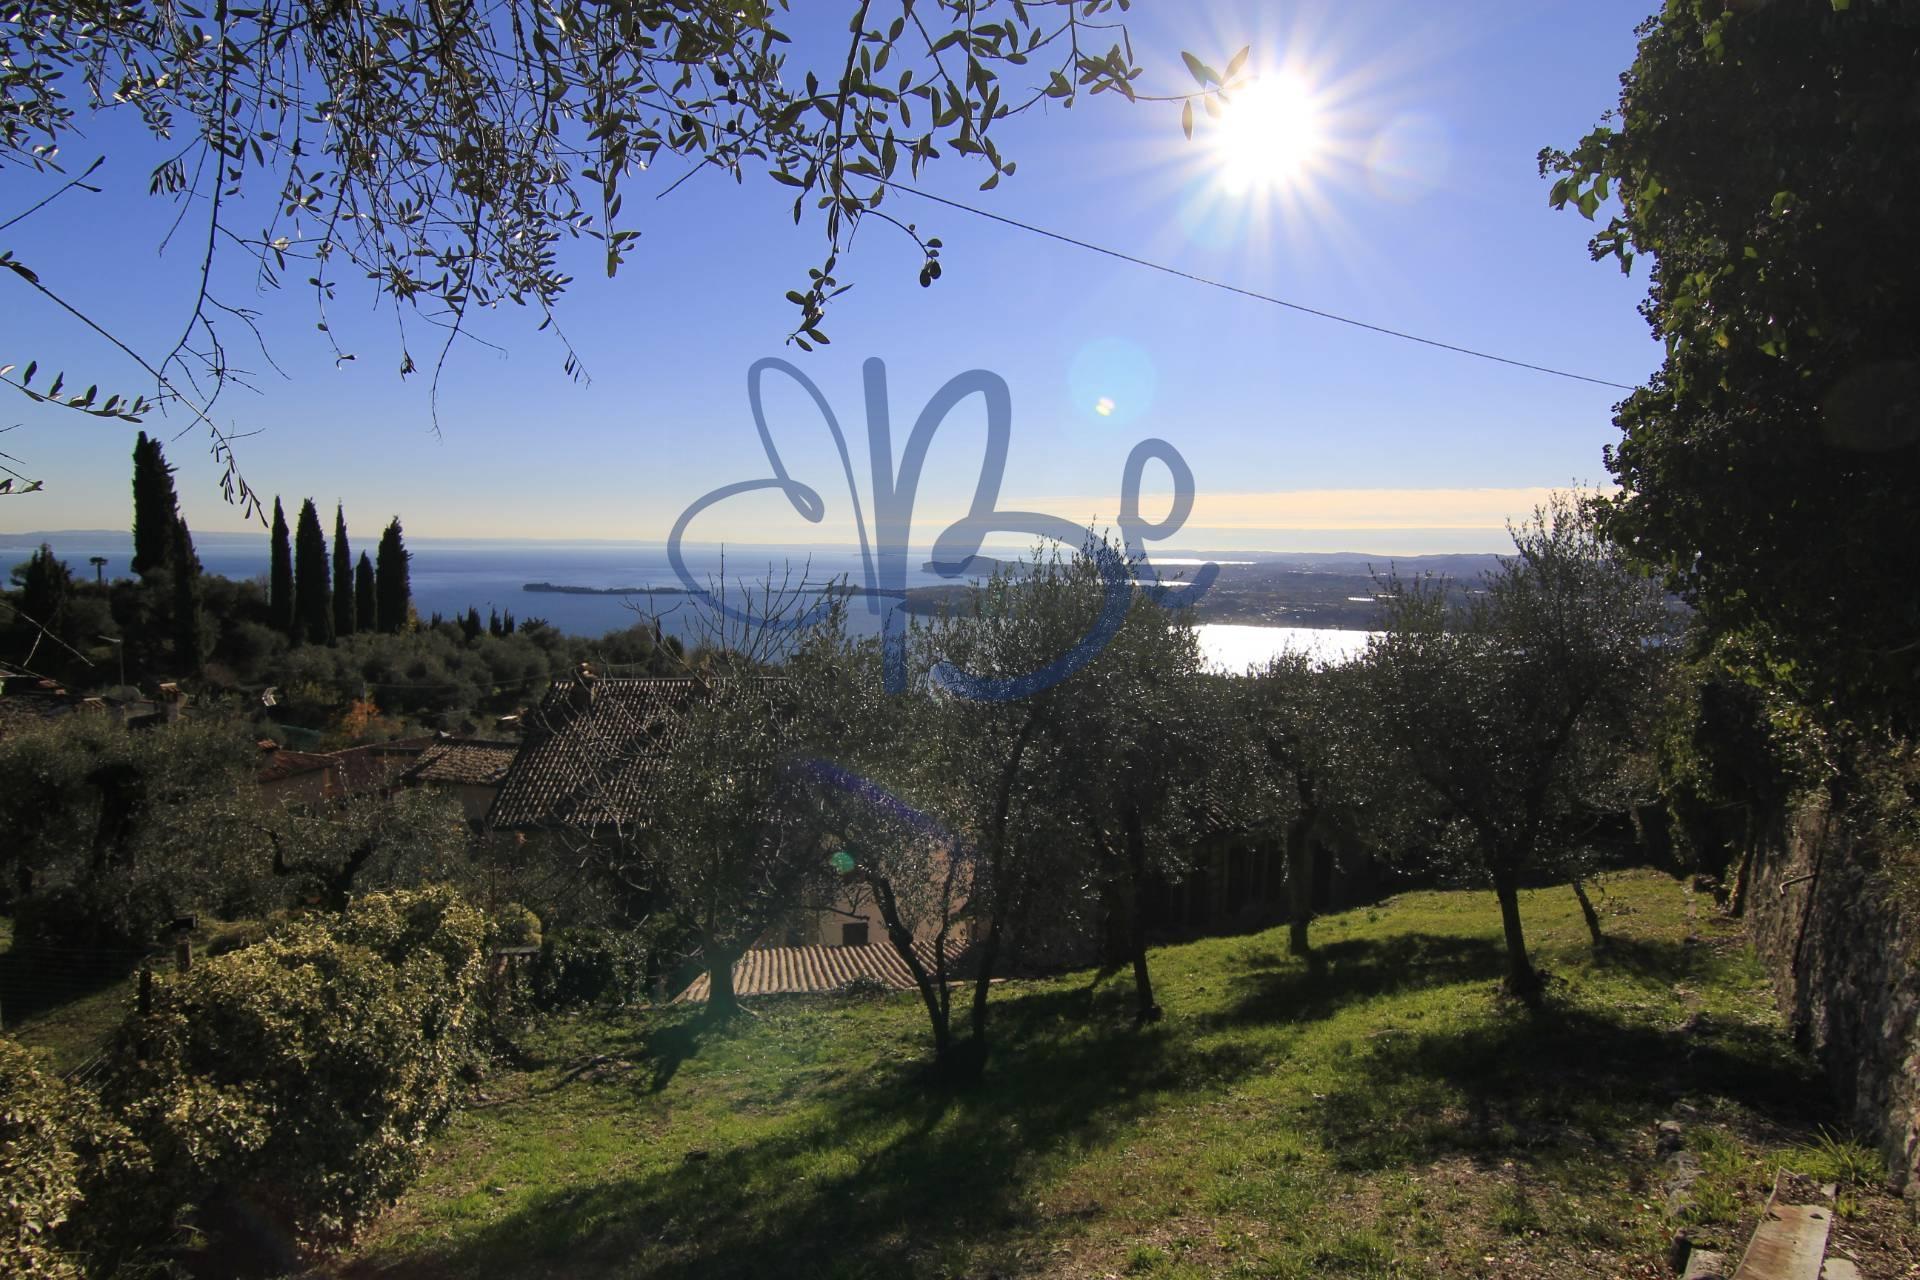 Rustico / Casale in vendita a Gardone Riviera, 6 locali, zona Zona: Tresnico, prezzo € 175.000 | CambioCasa.it